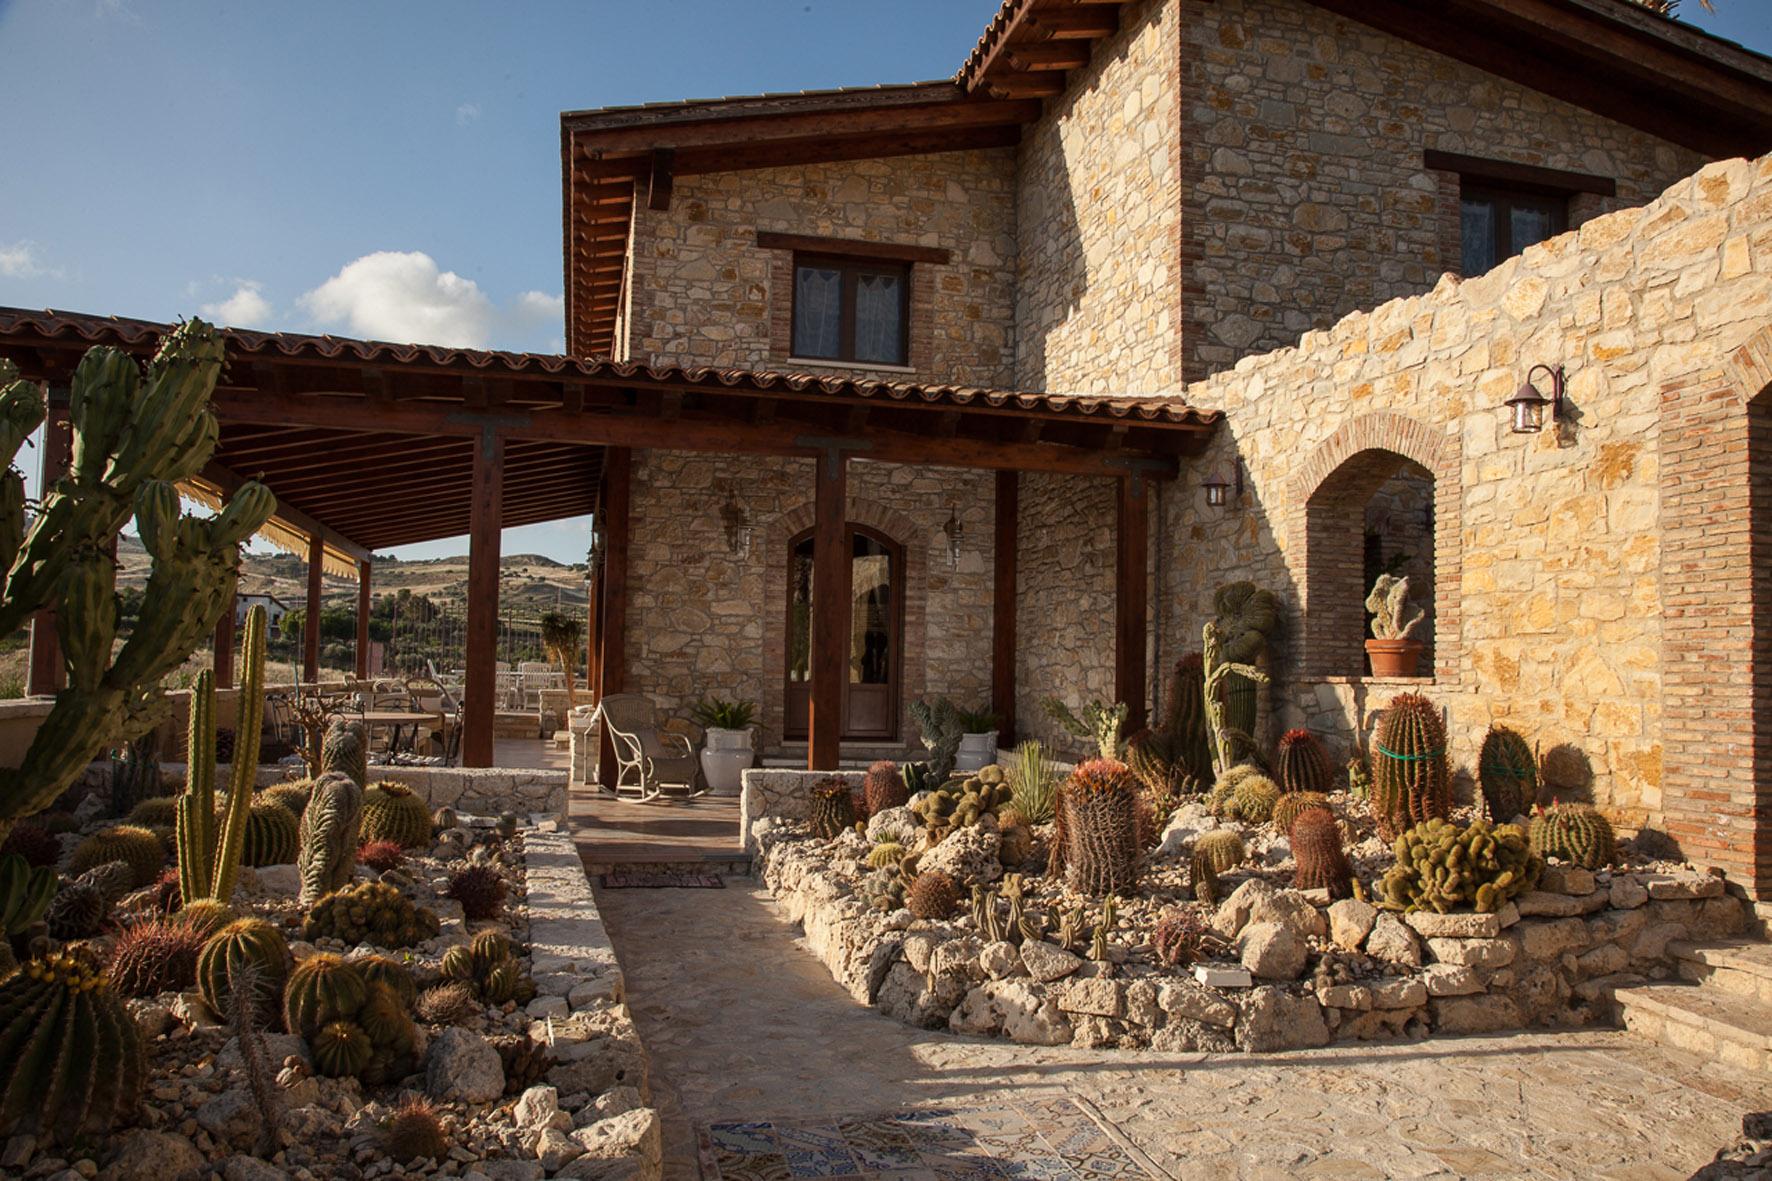 garden-cactus-bb-esterno-giorno_2